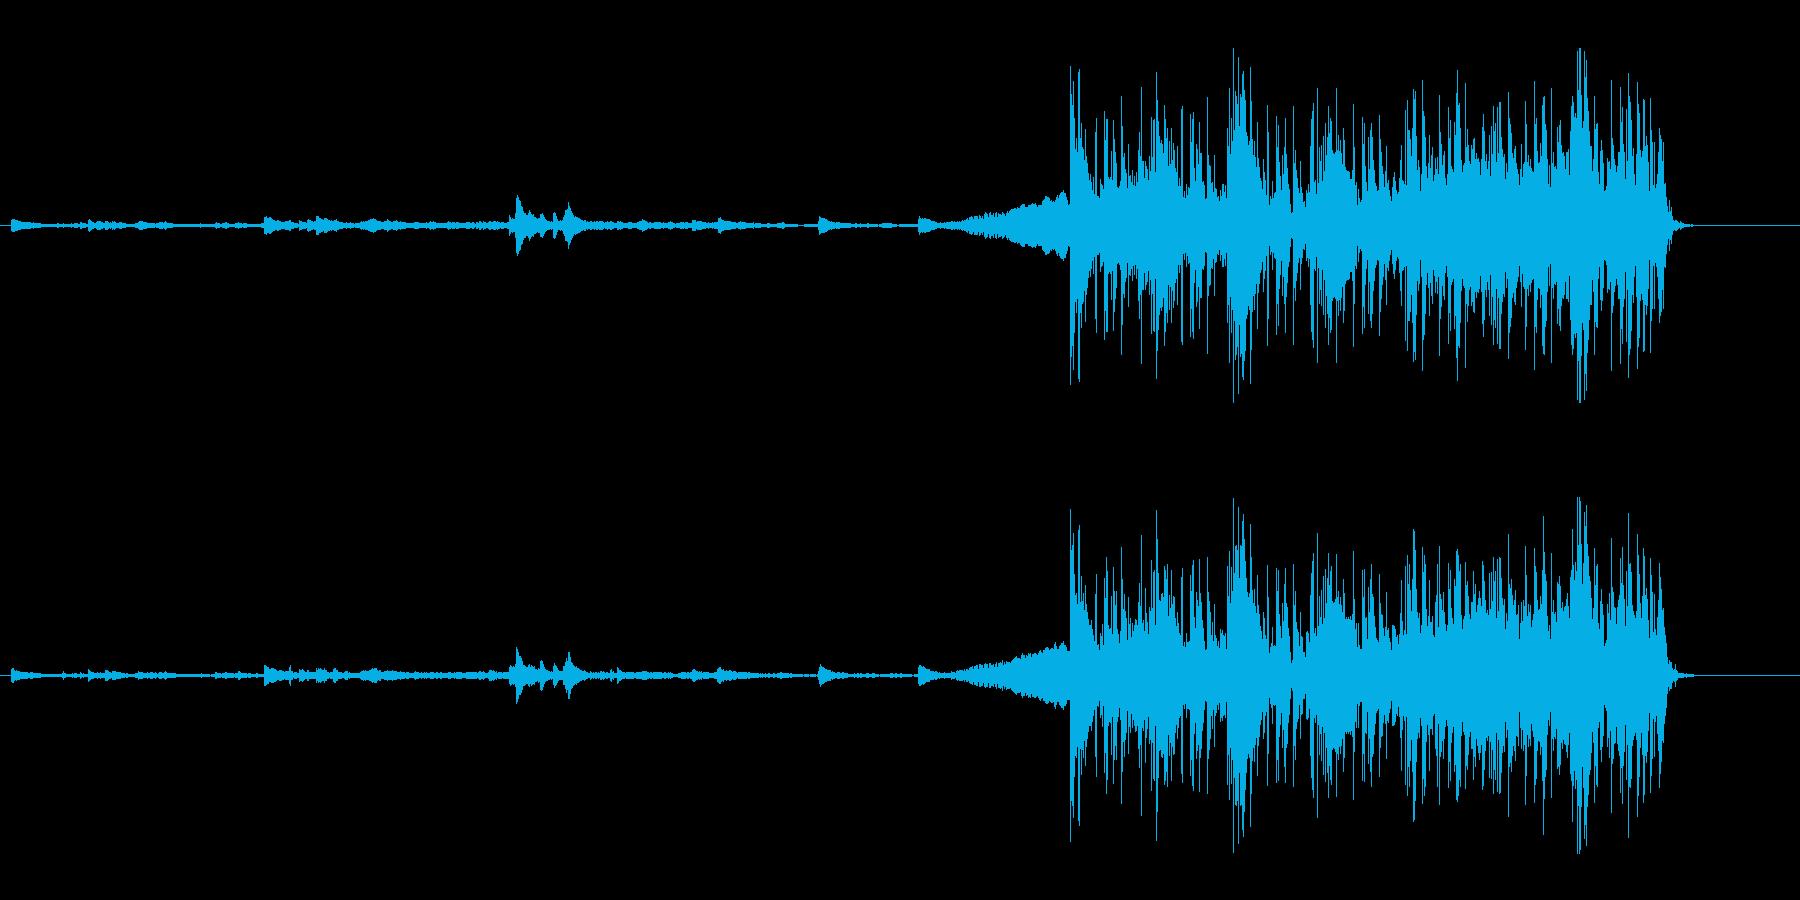 不穏な静けさから一転するピアノインストの再生済みの波形